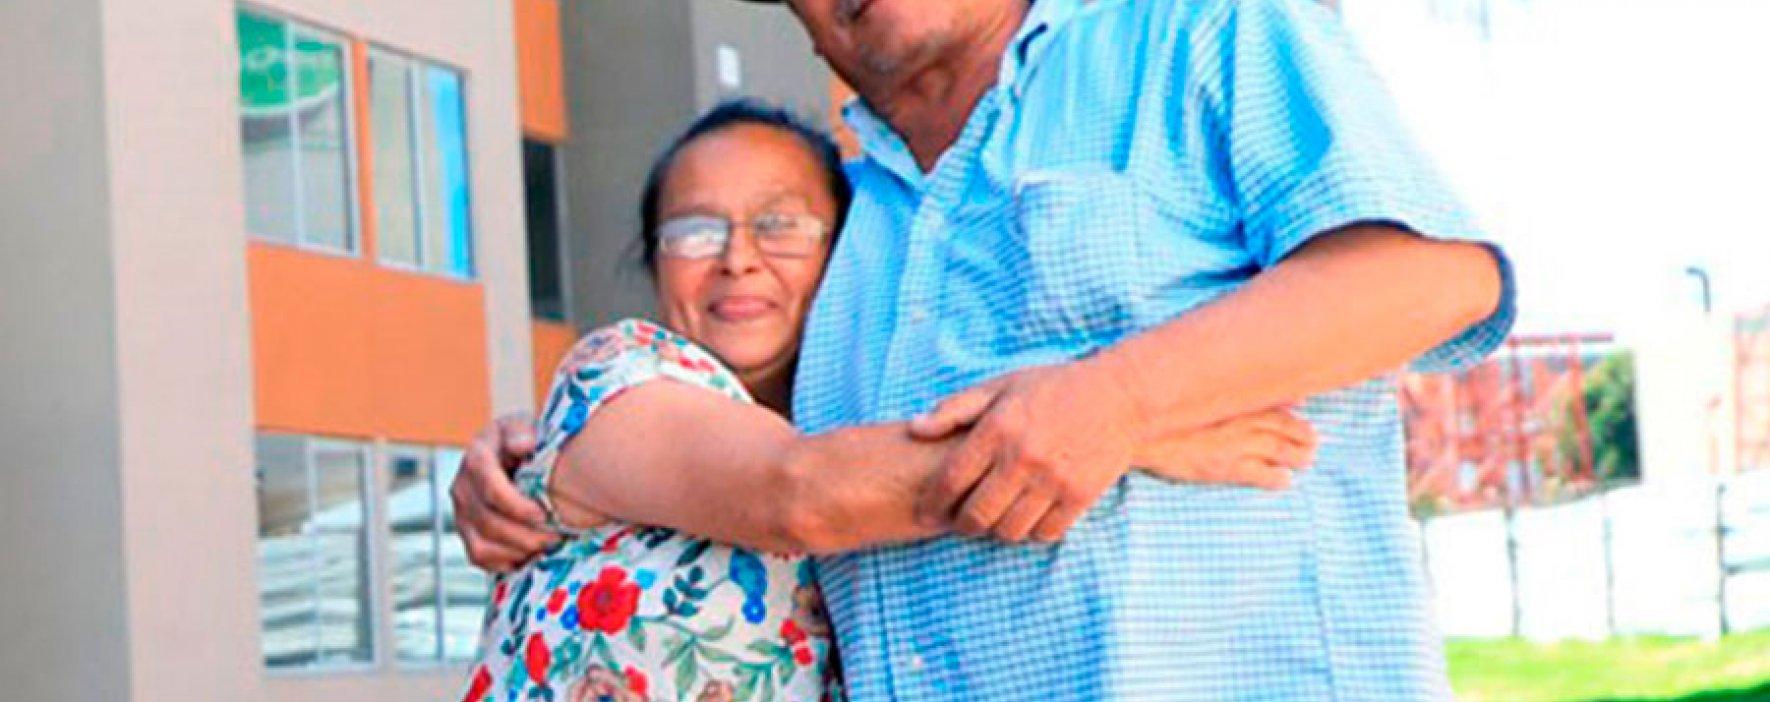 MinVivienda entregó en 2018 más de 32 mil subsidios para Mi Casa Ya